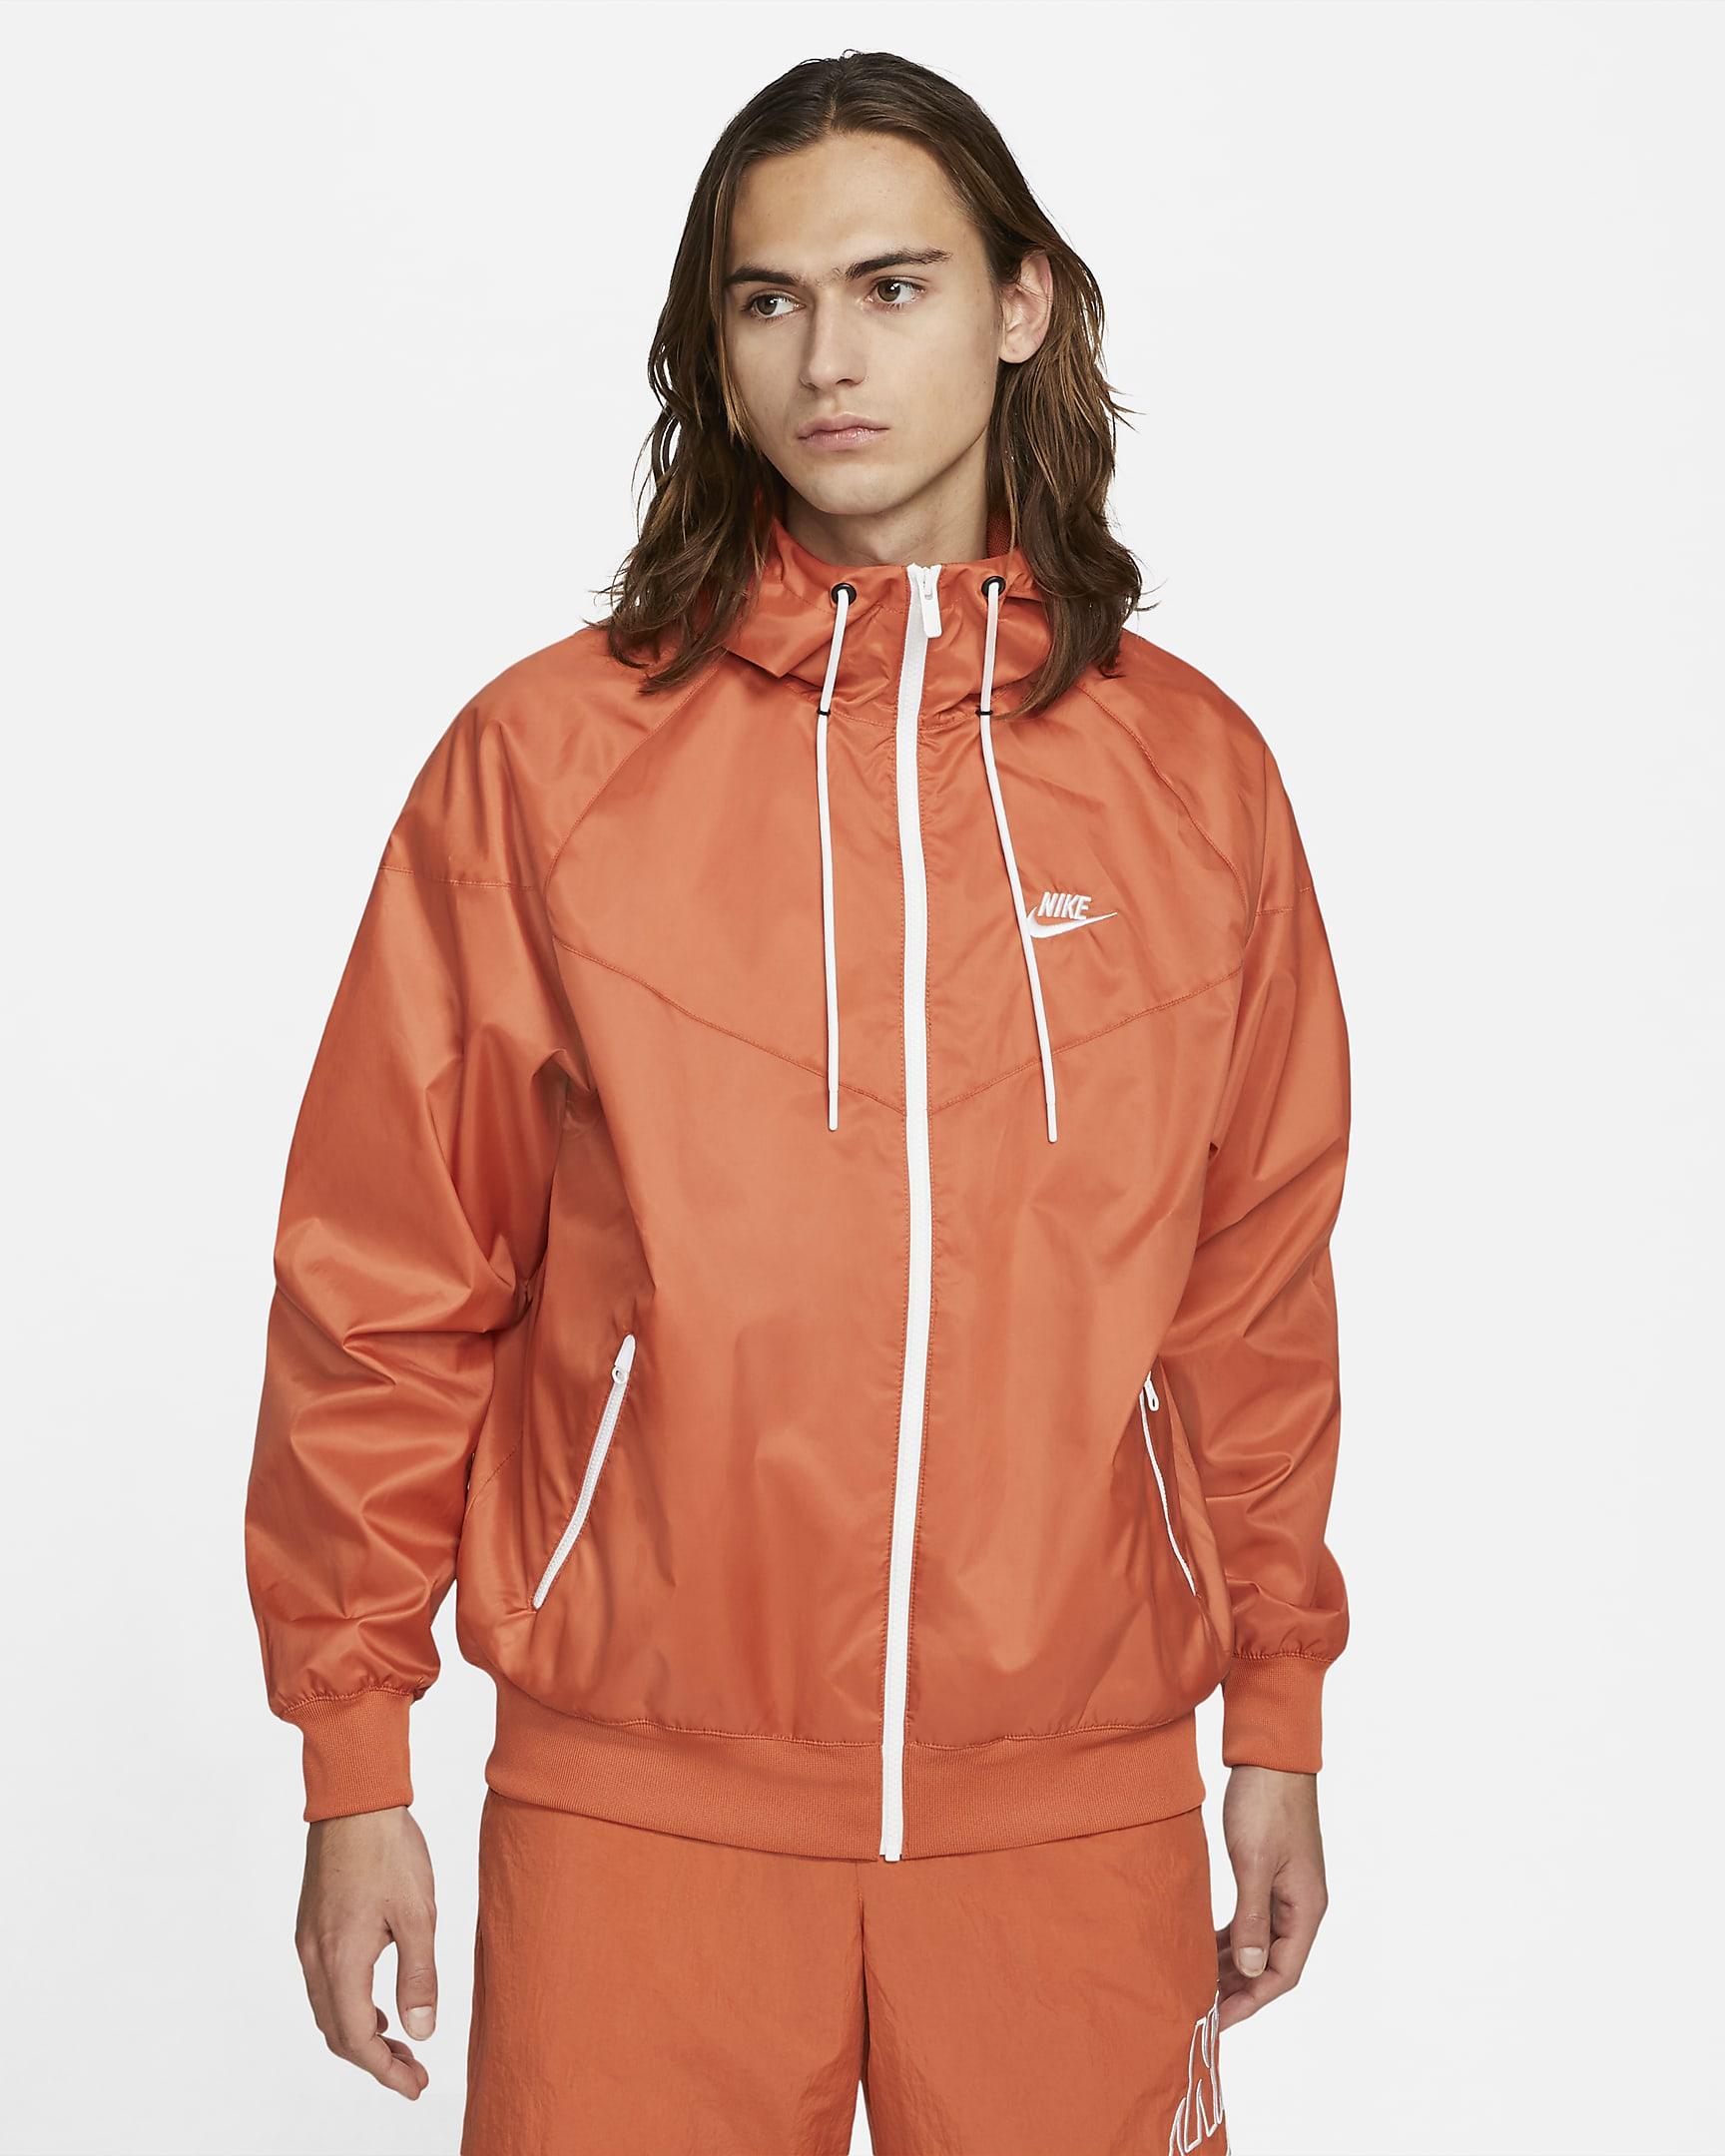 sportswear-windrunner-mens-hooded-jacket-5hK13x.png